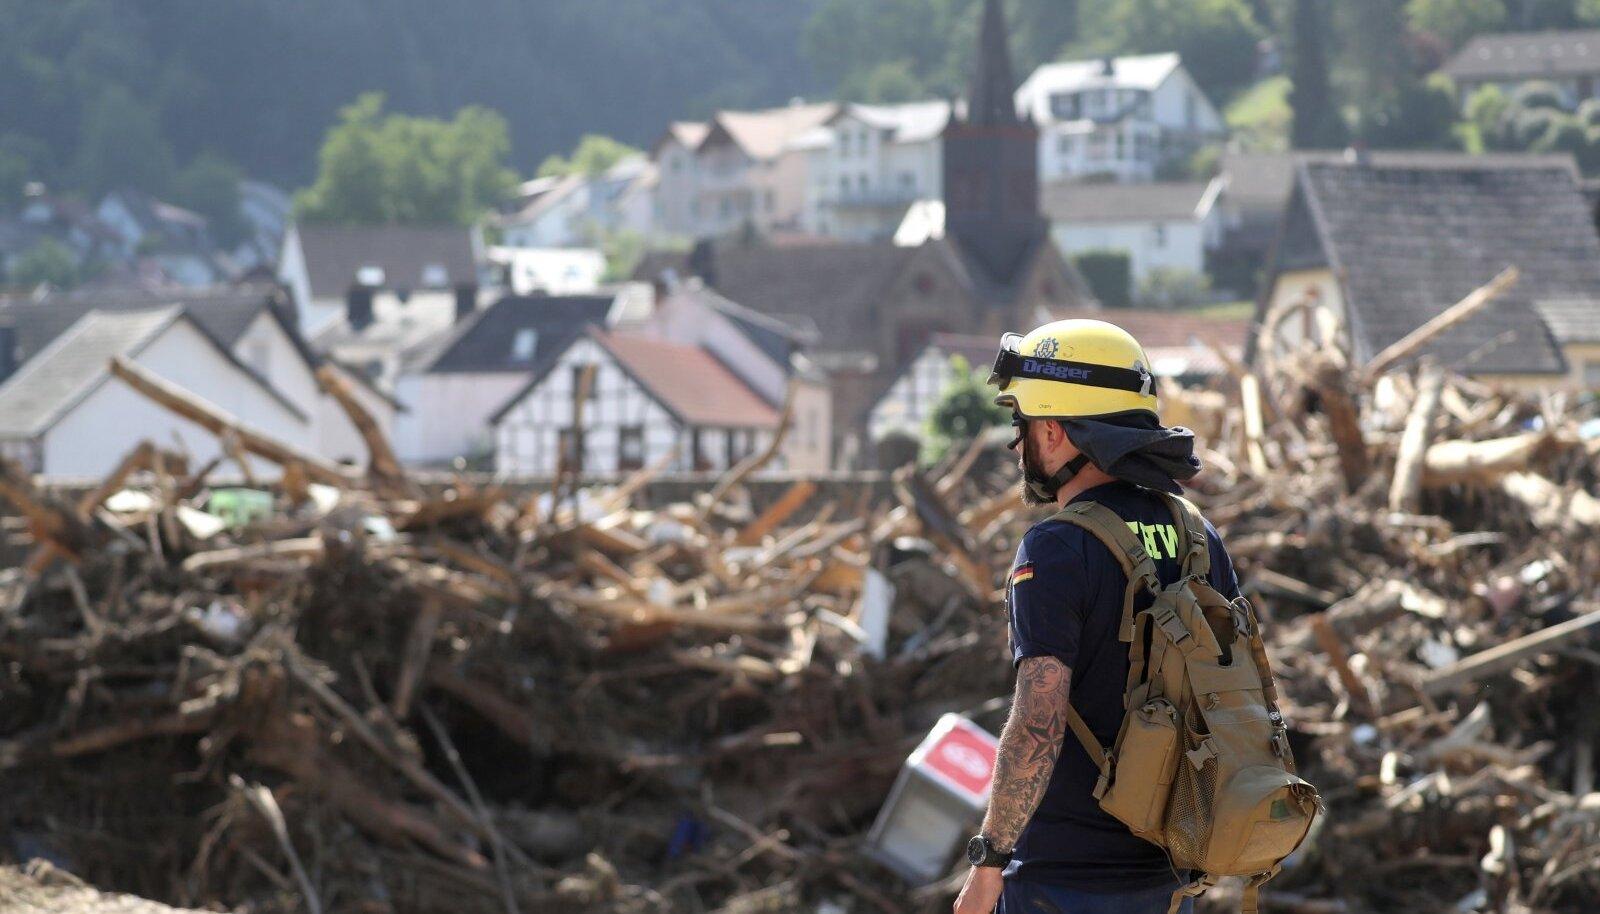 Mõni nädal tagasi tabas Kesk-Euroopat viimase poolsajandi suurim looduskatastroof ning tormid ja uputused laastasid Saksamaad ja naaberriike.